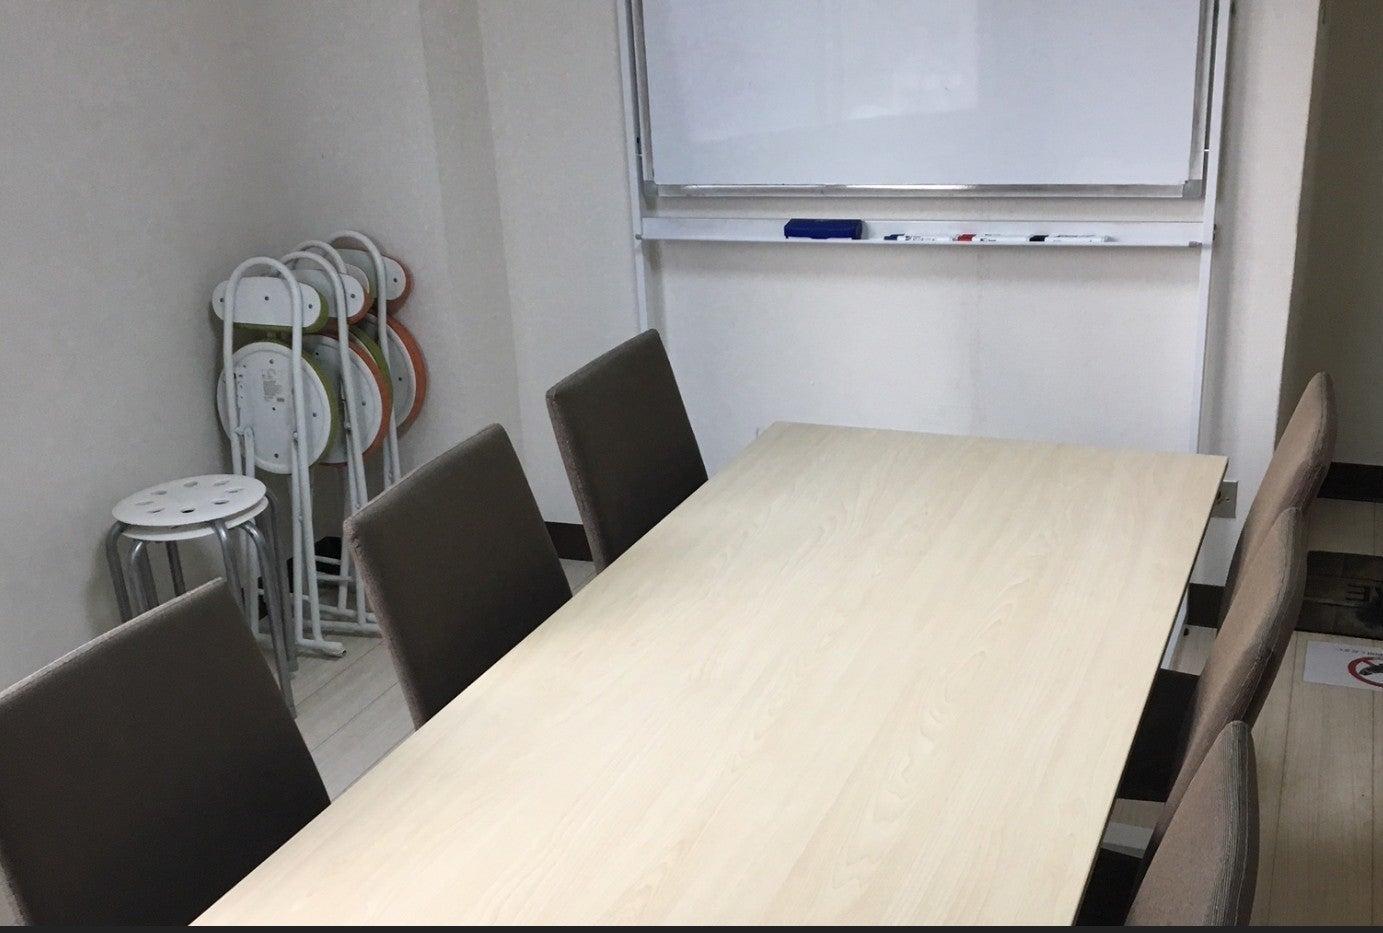 RAKUNA 新橋【新橋駅から30秒】 無料Wi-Fi使い放題 ミーティング・教室に